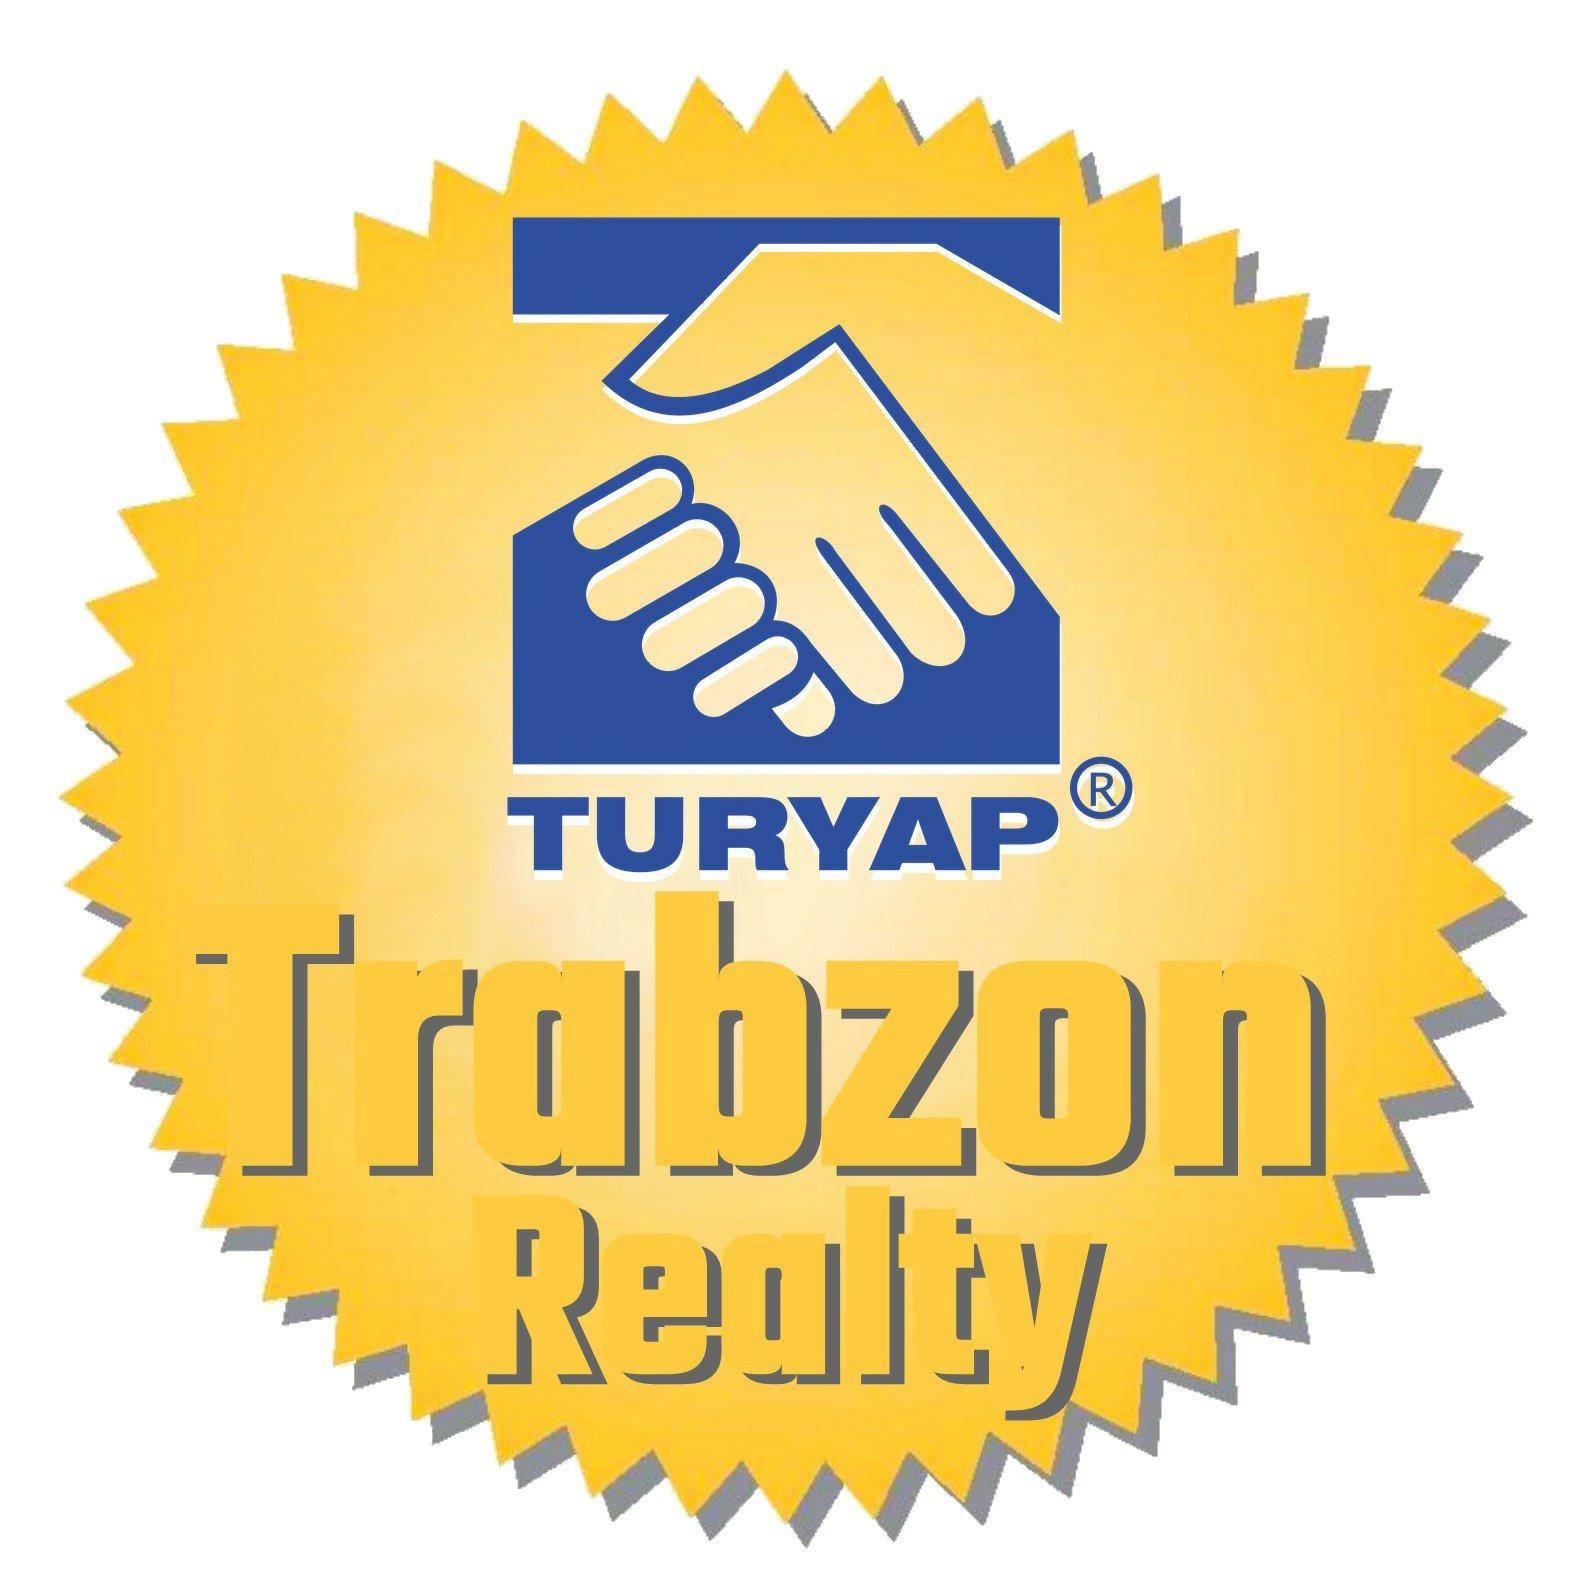 Trabzon Realty